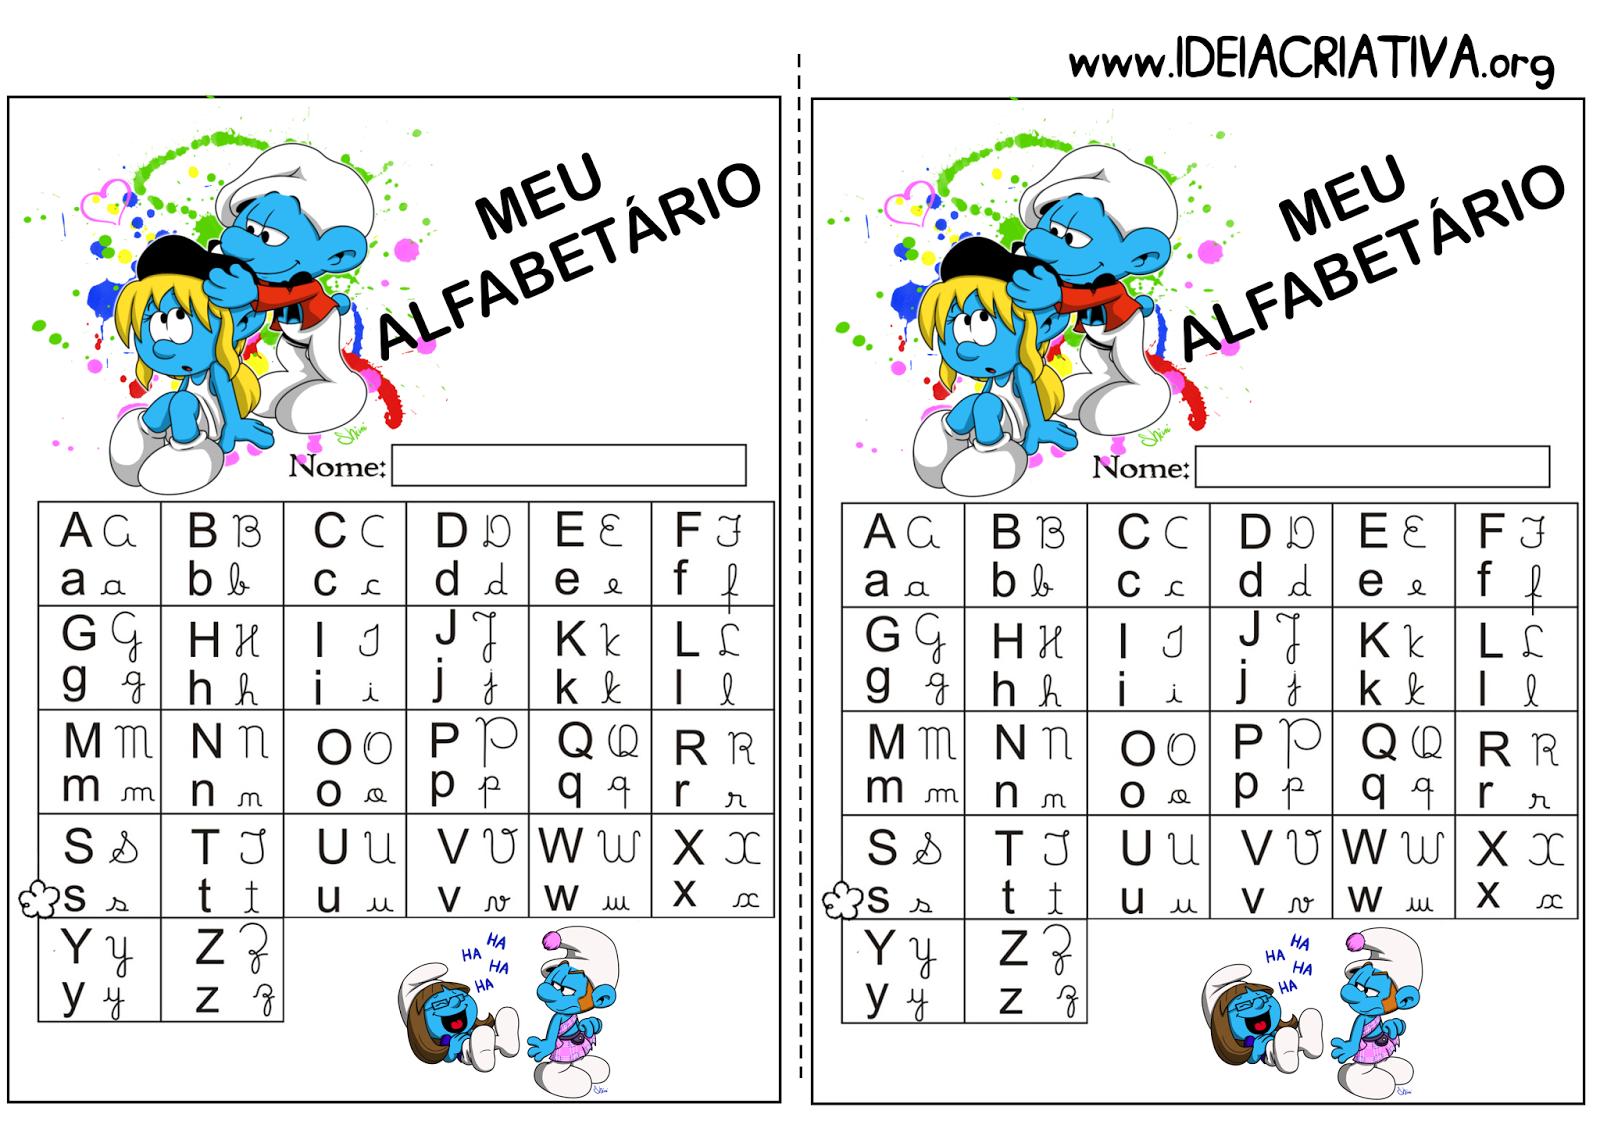 Alfabetário para imprimir Smurfs